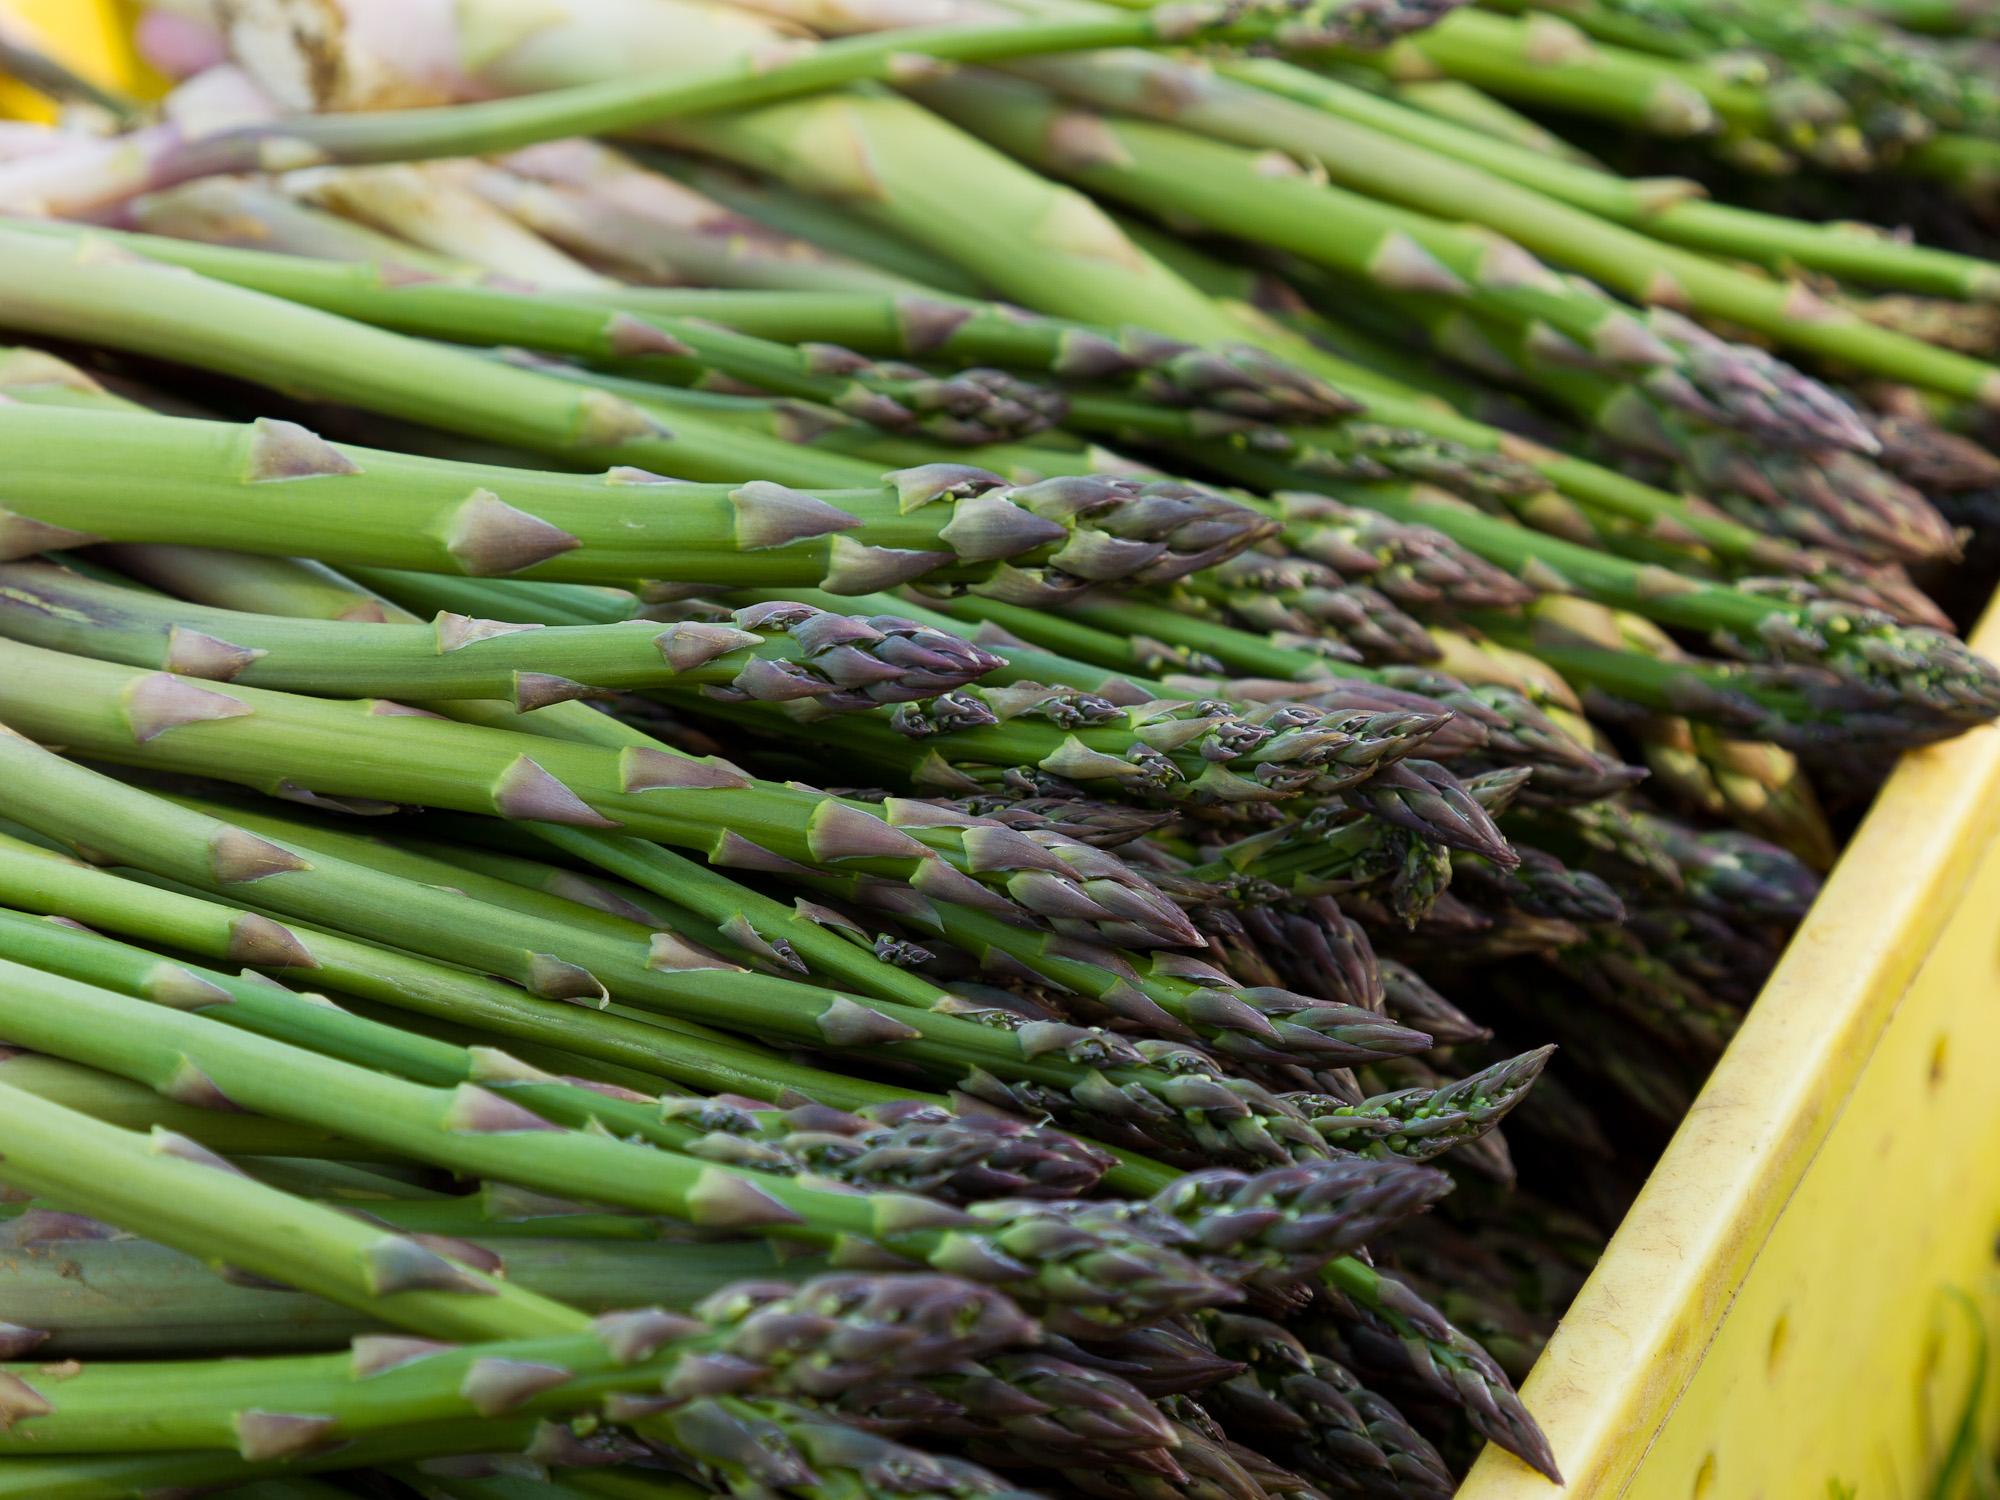 'NJ1113' Asparagus